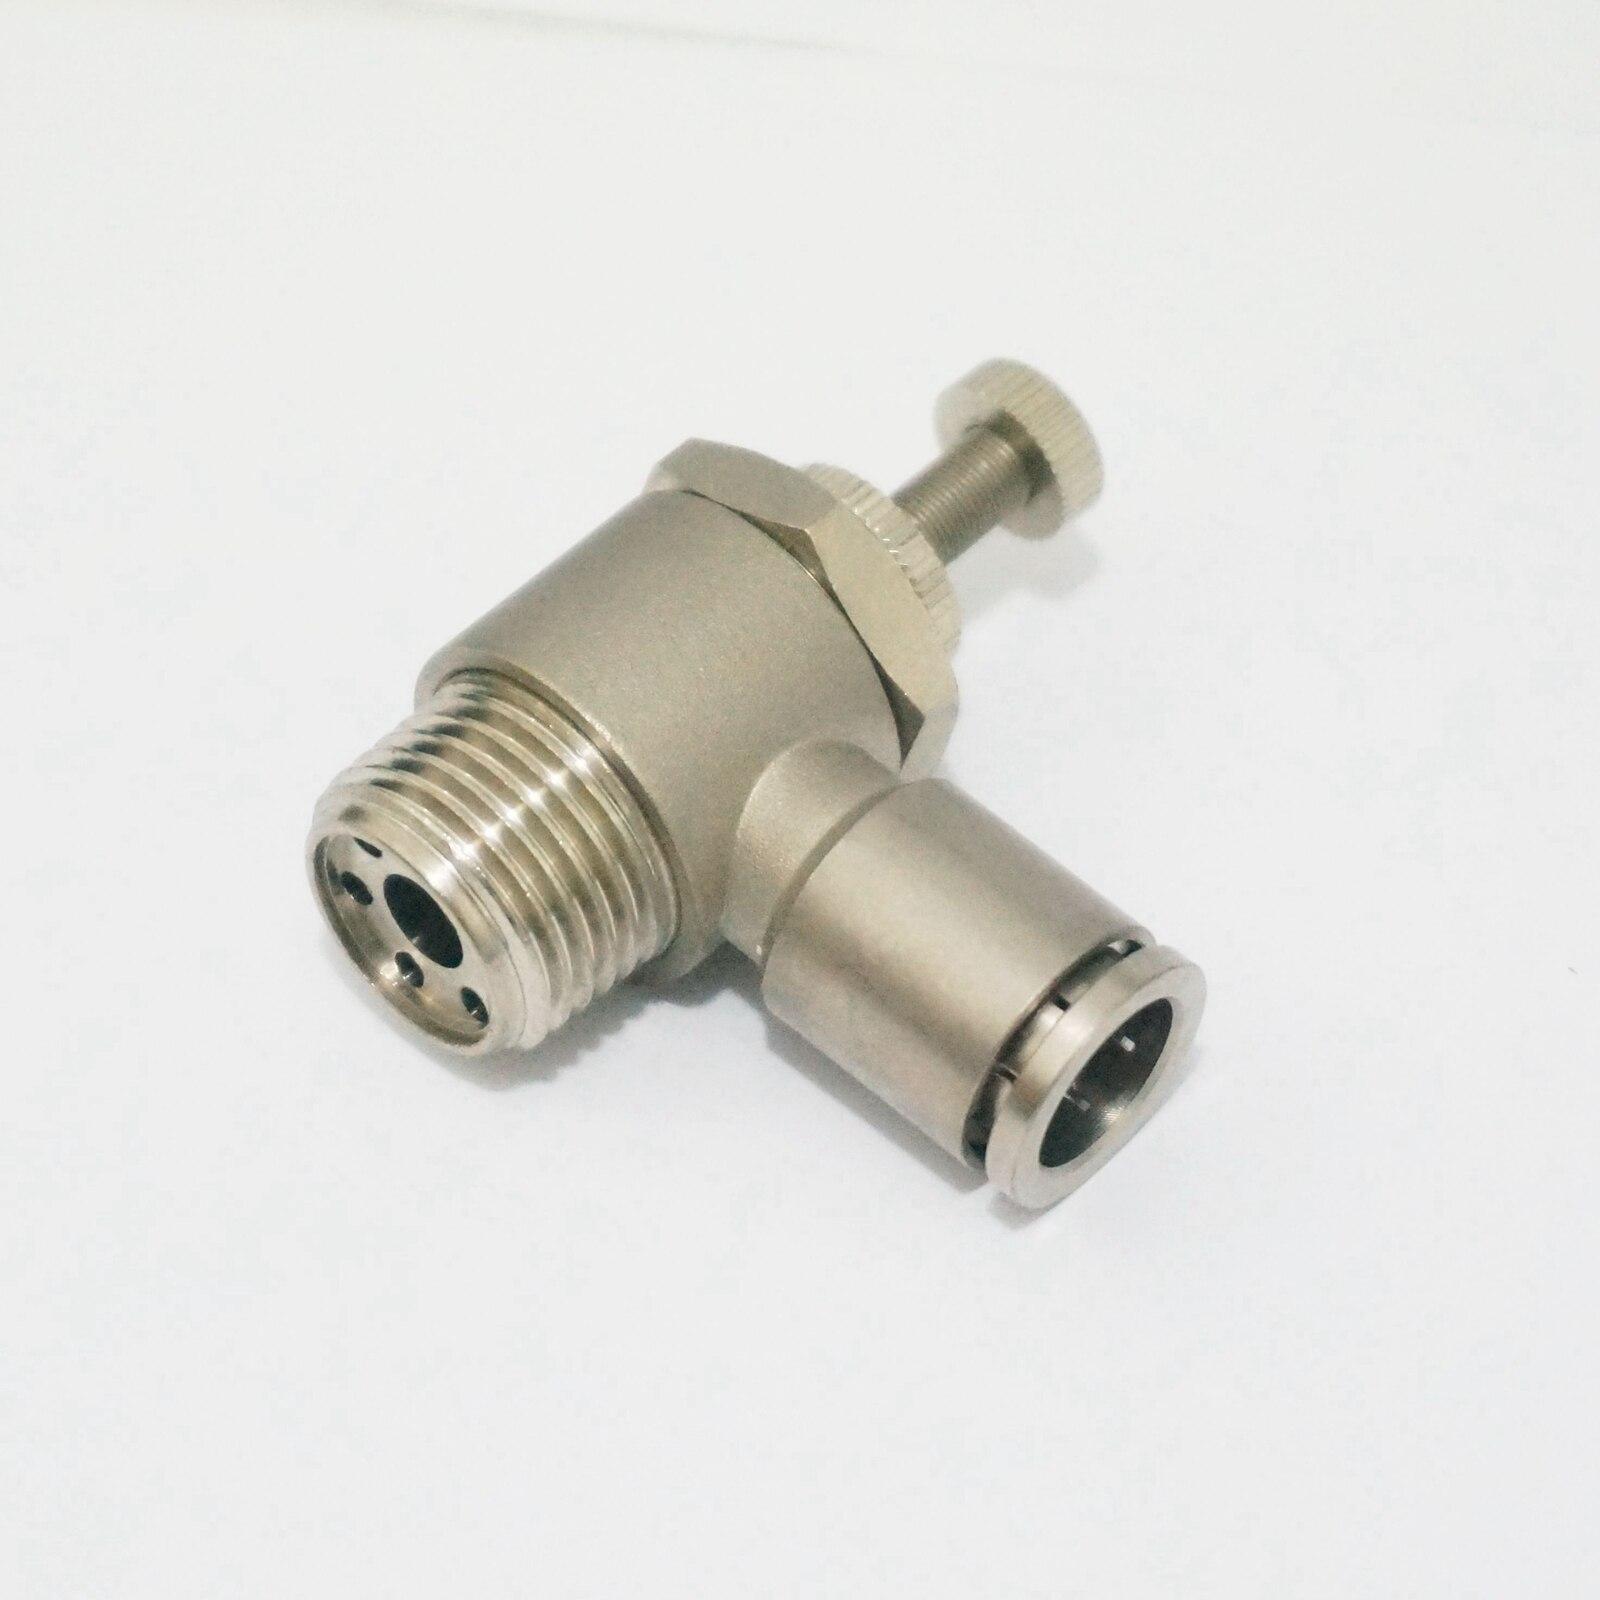 """Unión neumática de empuje en el flujo Válvula de control de velocidad liberación rápida conexión de aire Ajuste de empuje 1/2 """"BSP macho x tubo O/D 12mm"""